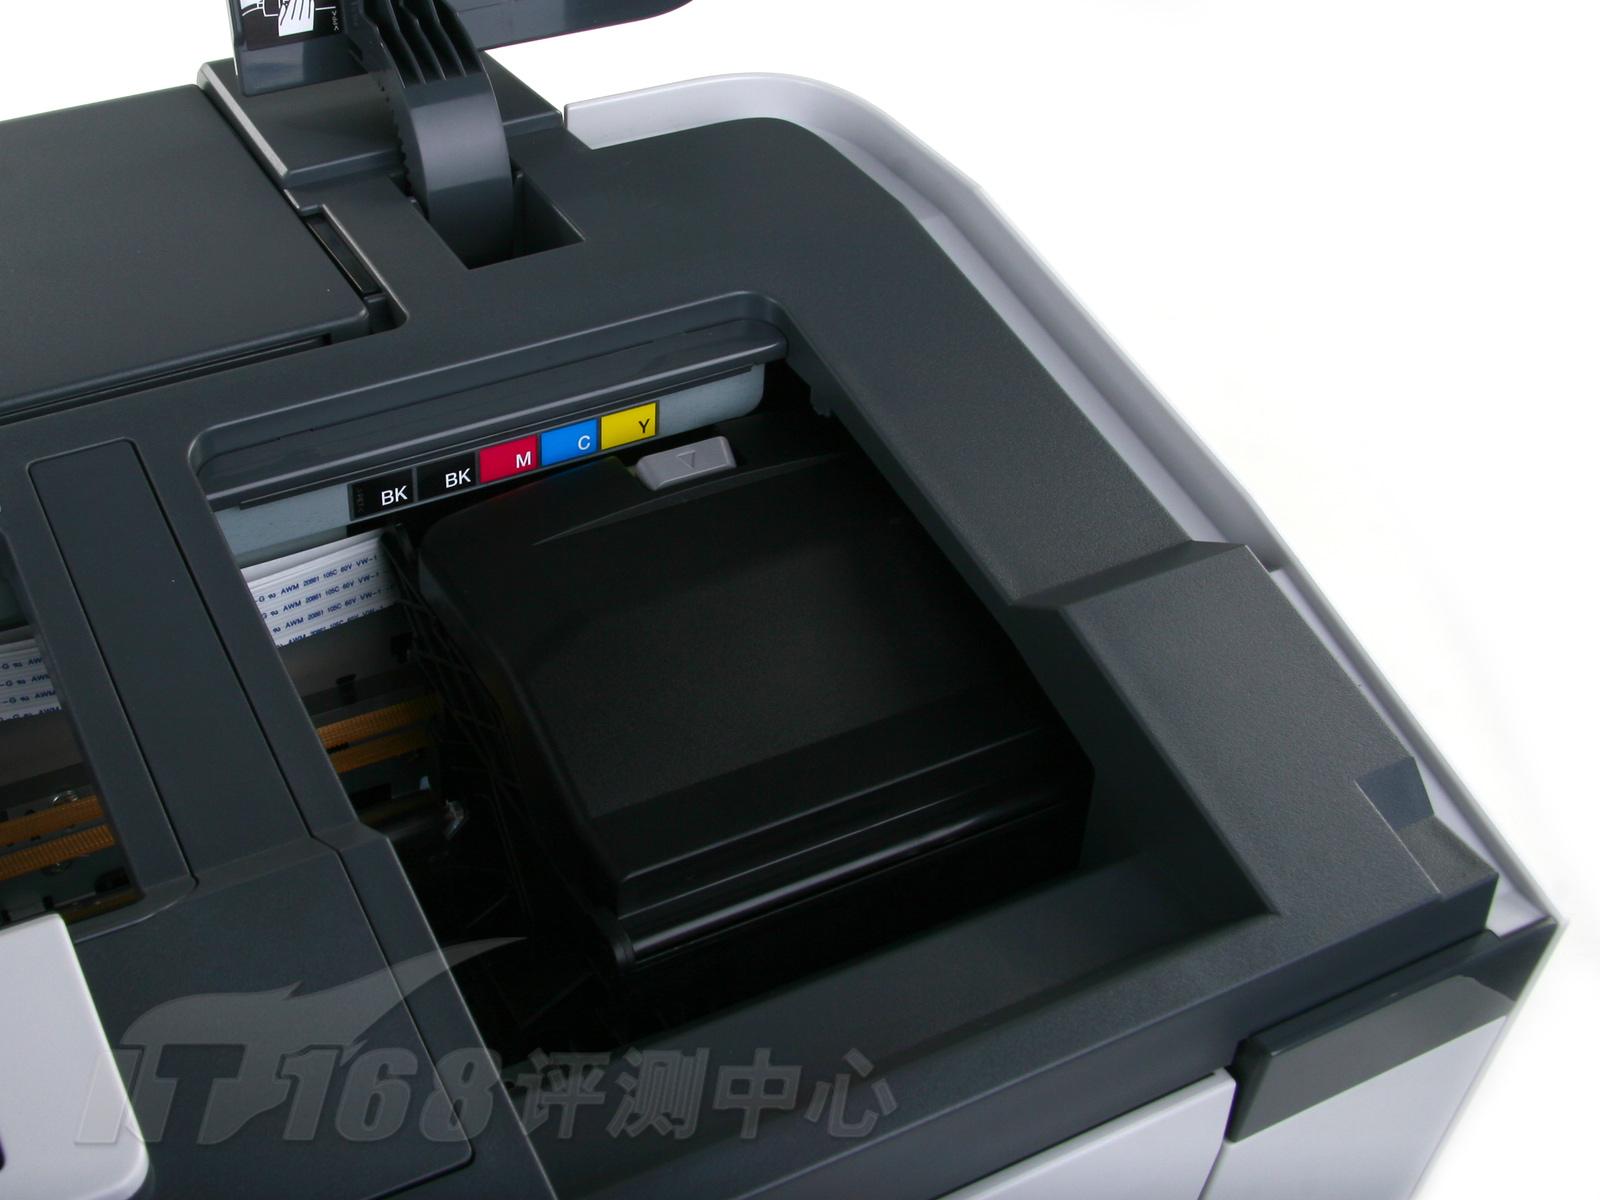 EPSON ME1100和R2880的控制面板很相似,都是4个按键3个指示灯,不同的是由于ME1100不需要卷筒纸的控制按键,将单页输纸和清除打印作业的功能独立分开。机身背面提供一个USB的接口,当然如果以后需要扩展也可以很从容。实际上,EPSON的很多A3+打印机都是双接口设计,比如USB+USB的双接口设计,比如USB+网络接口的组合方式,也有USB+IEEE1394的接口搭配,而ME1100想要做接口升级,好处是可以使用现成的模具,在USB接口旁边的预留位加上想要的接口就可以了。  EPSON ME